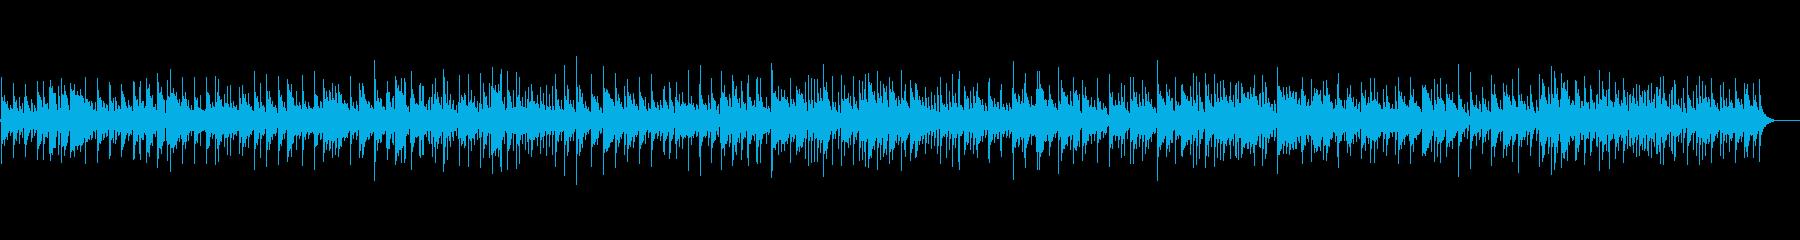 ほのぼの感漂うポップなボサノバの再生済みの波形